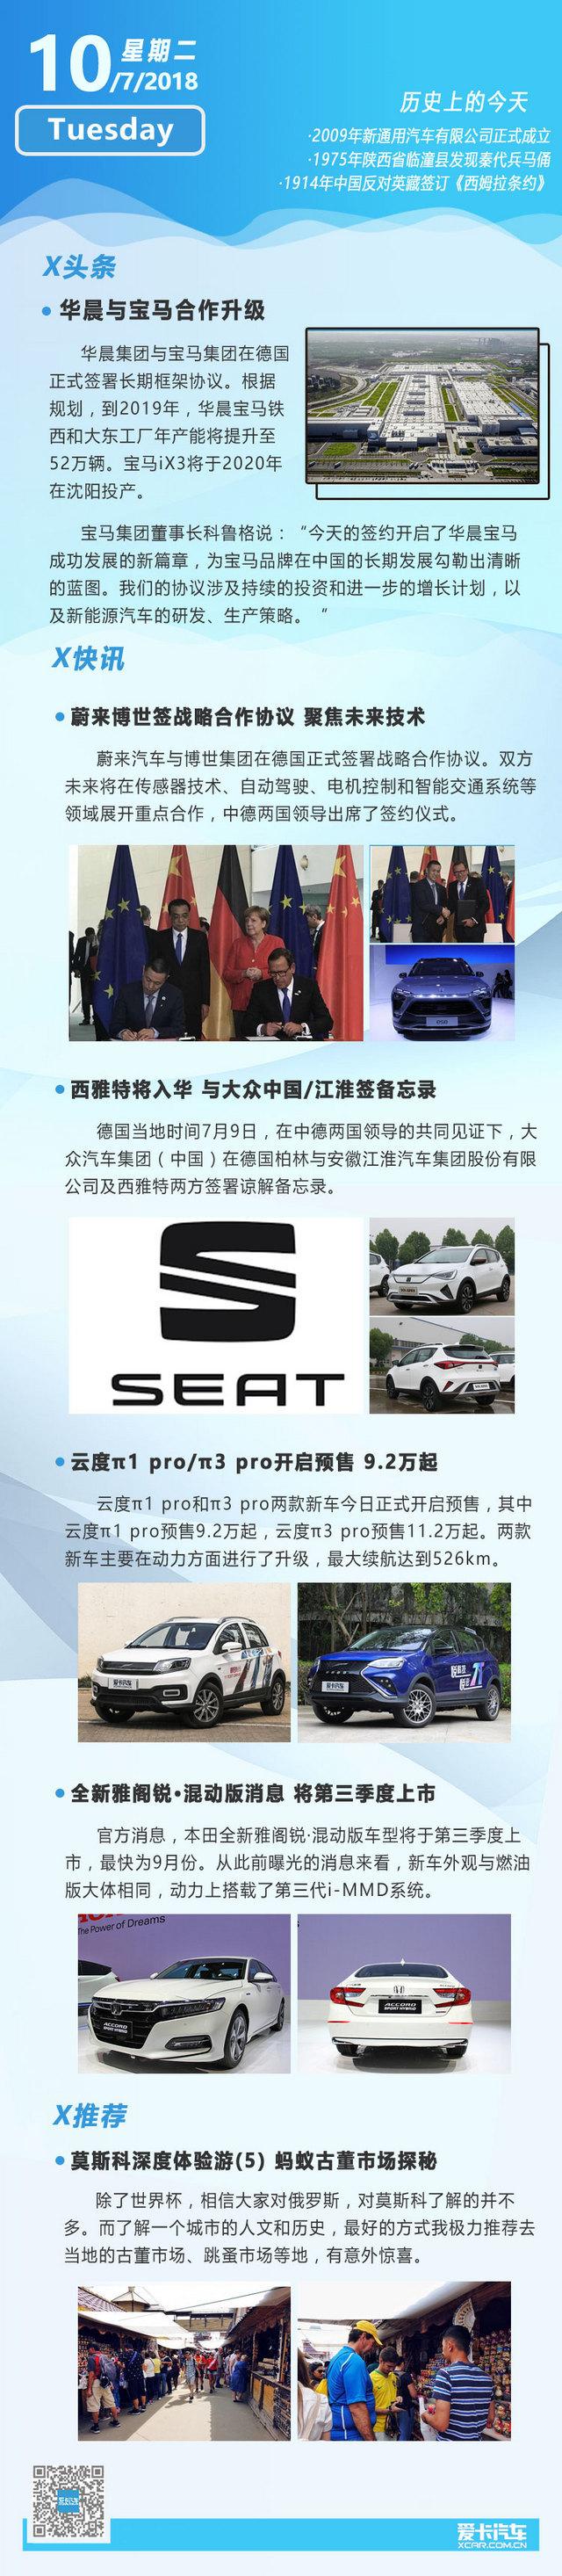 7月10日汽车早报 华晨与宝马深度合作